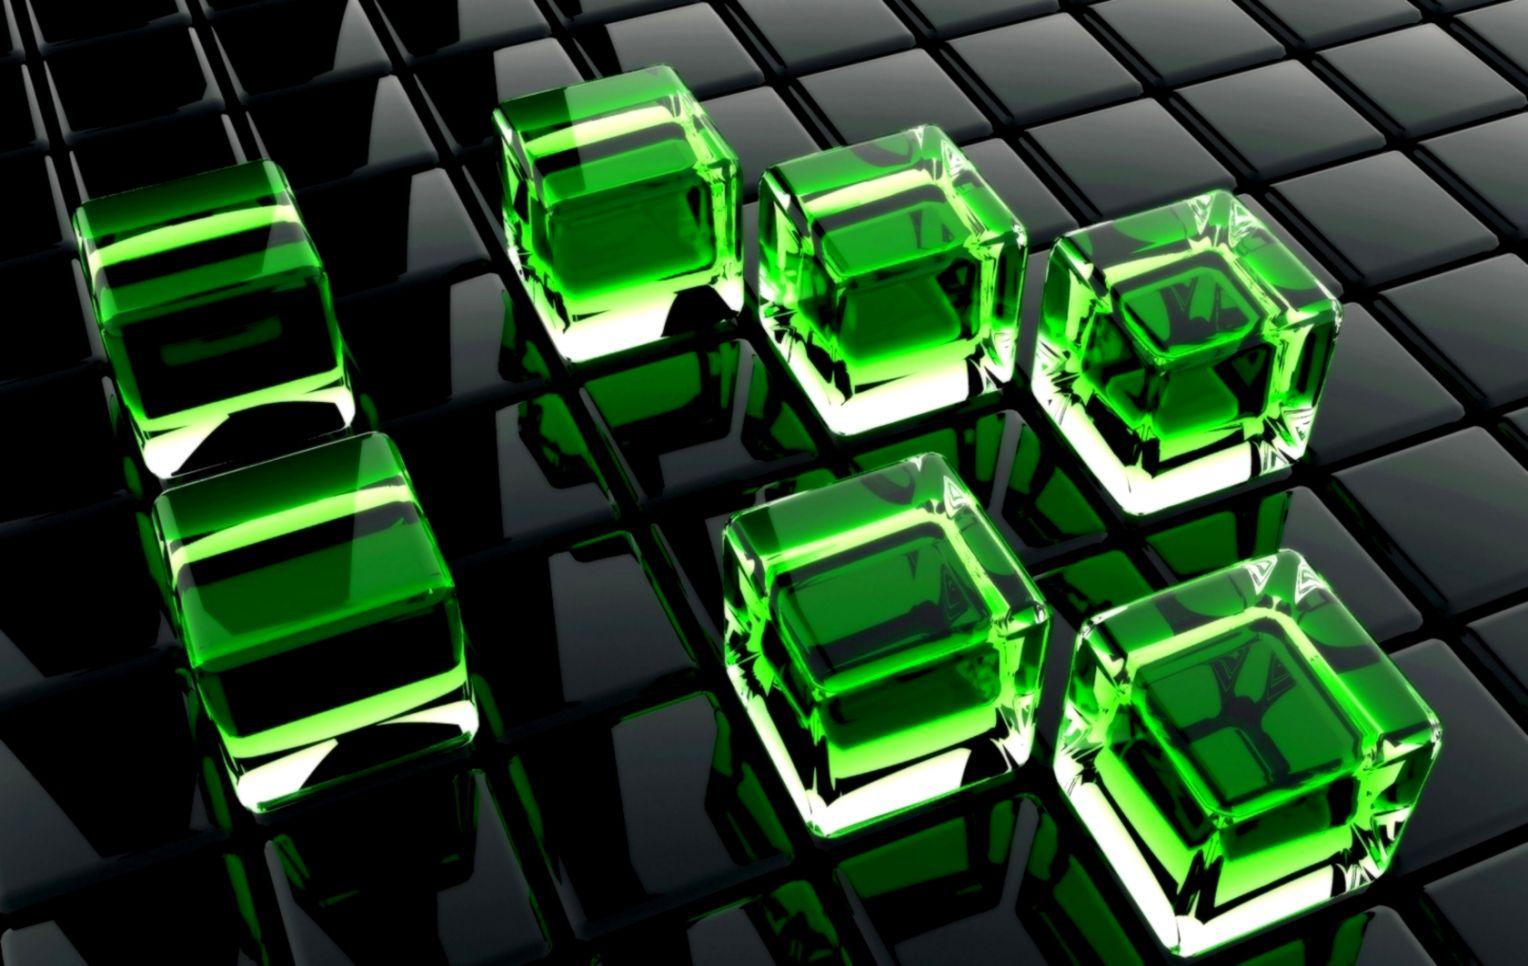 3D Green Cubes HD Wallpaper Background HD Wallpapers